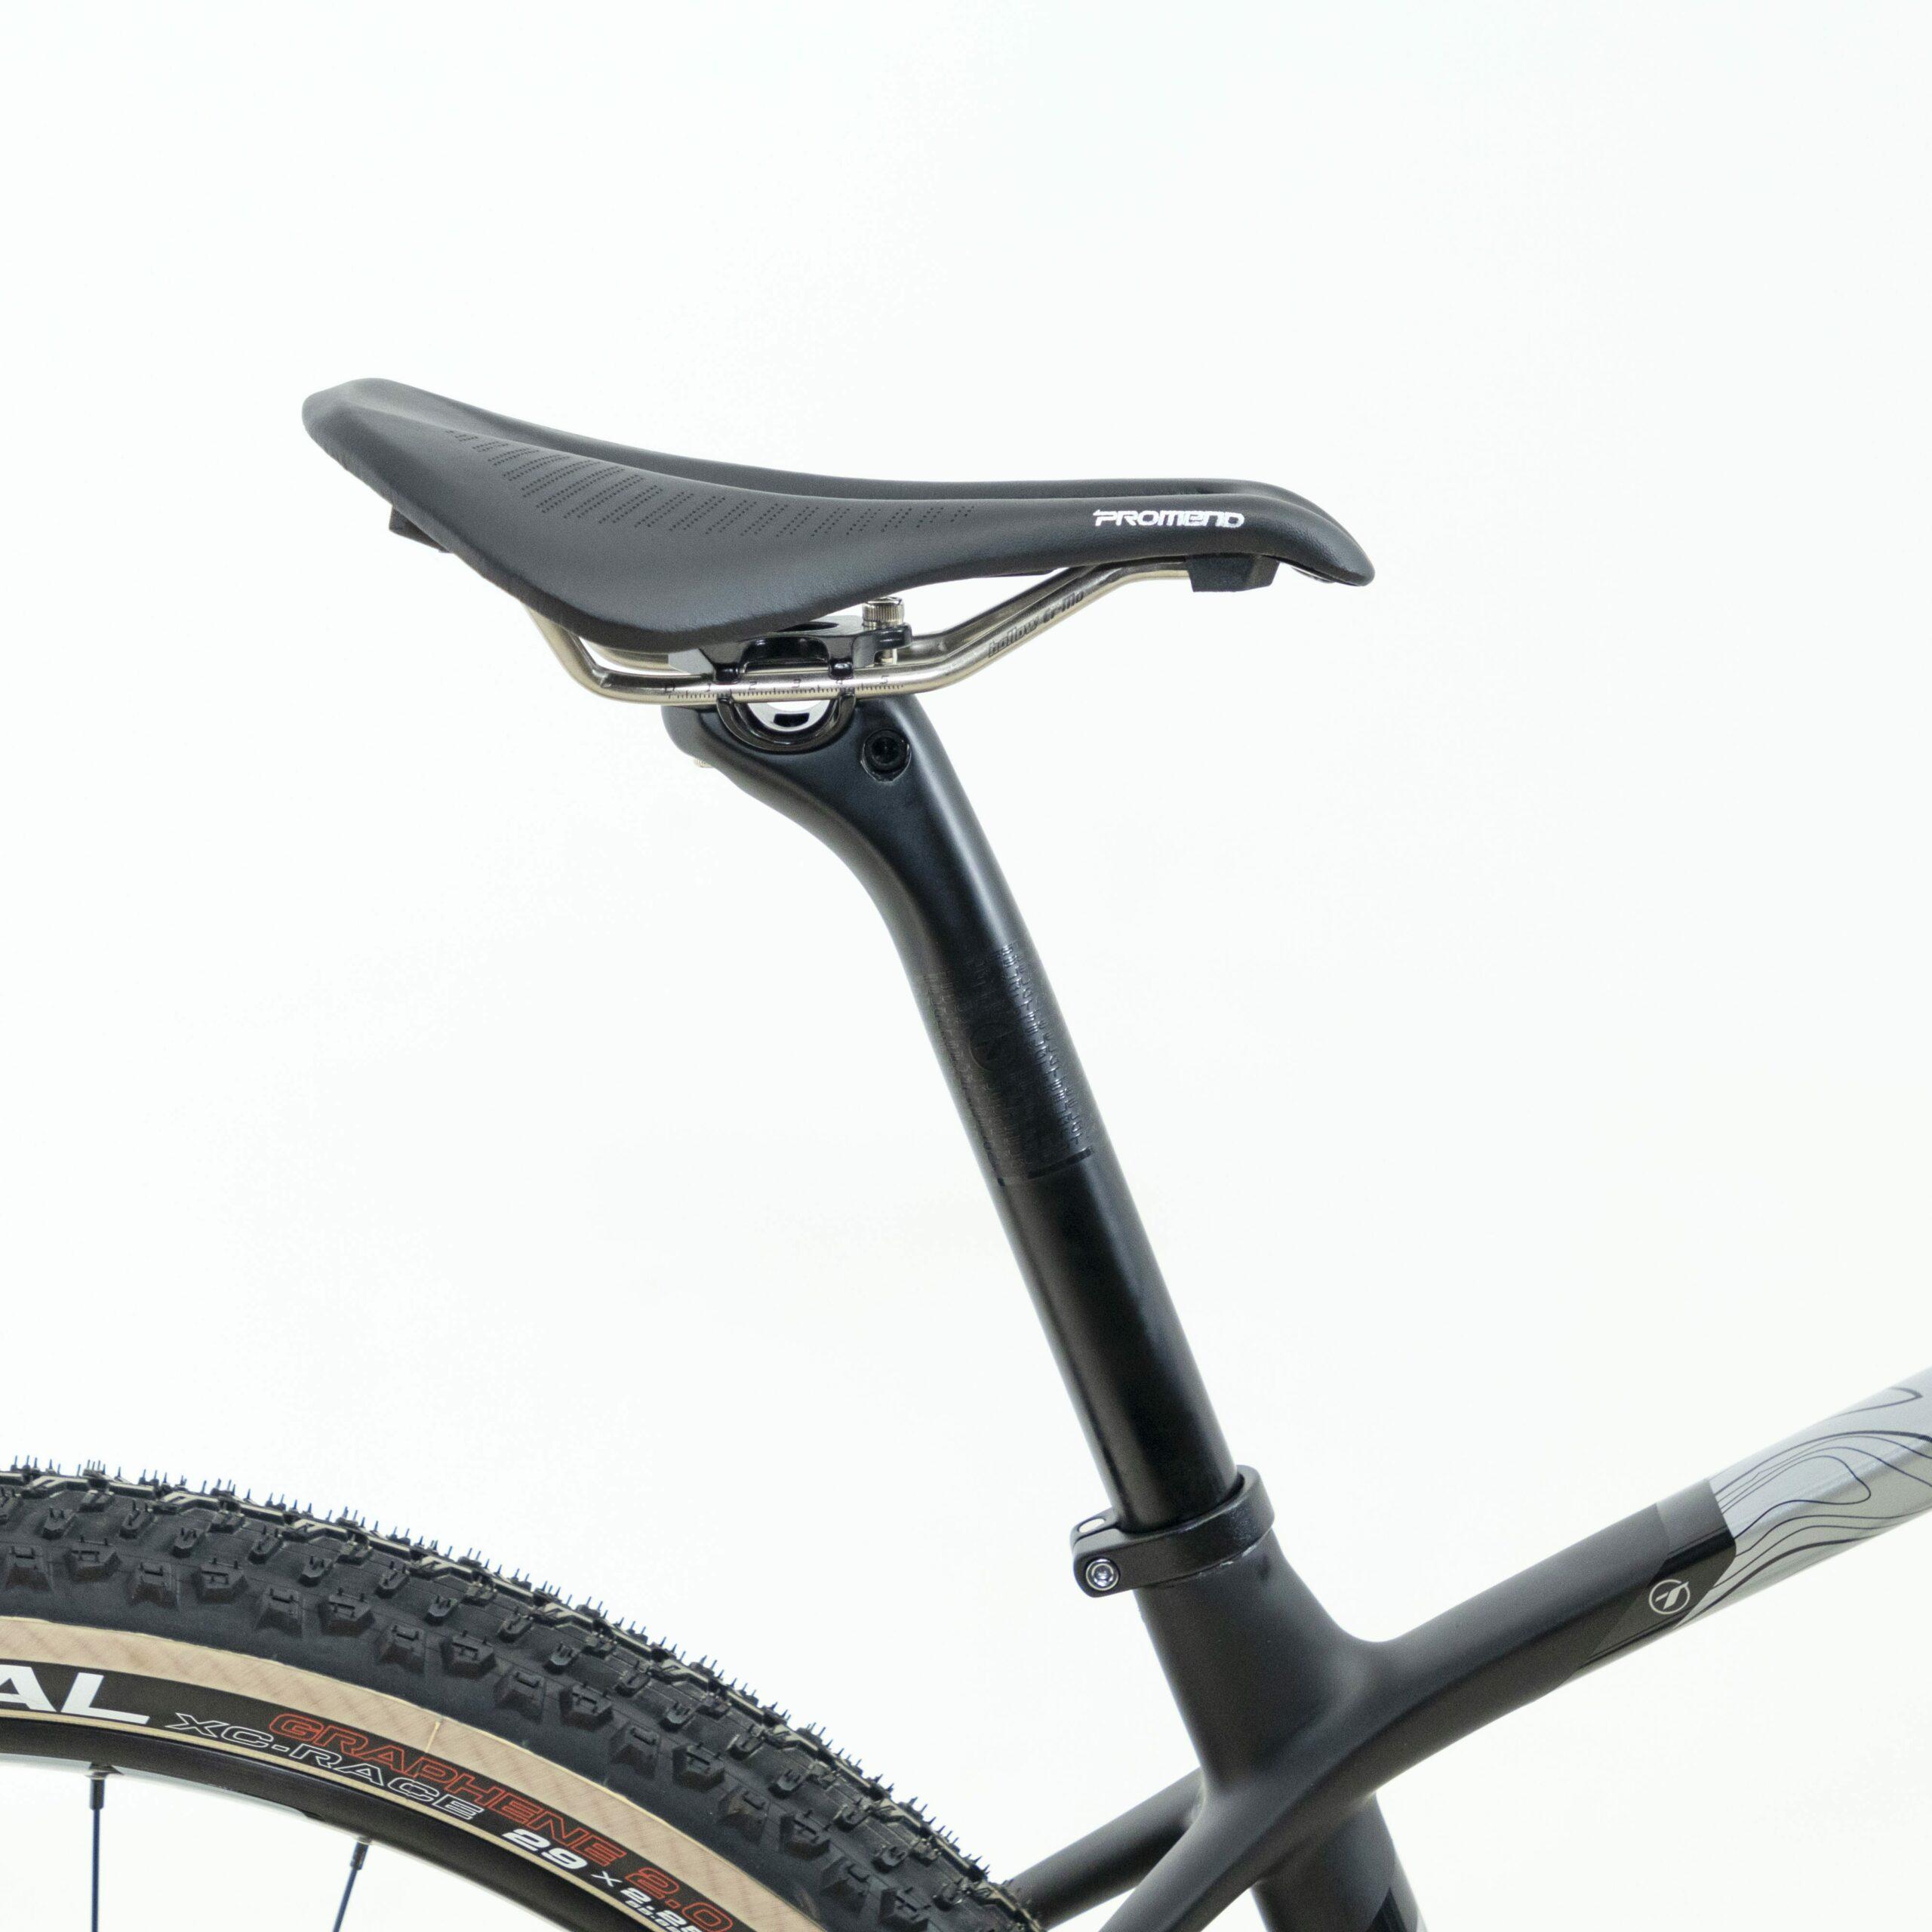 Bicicleta TSW Evo Quest   Advanced-Recon 5